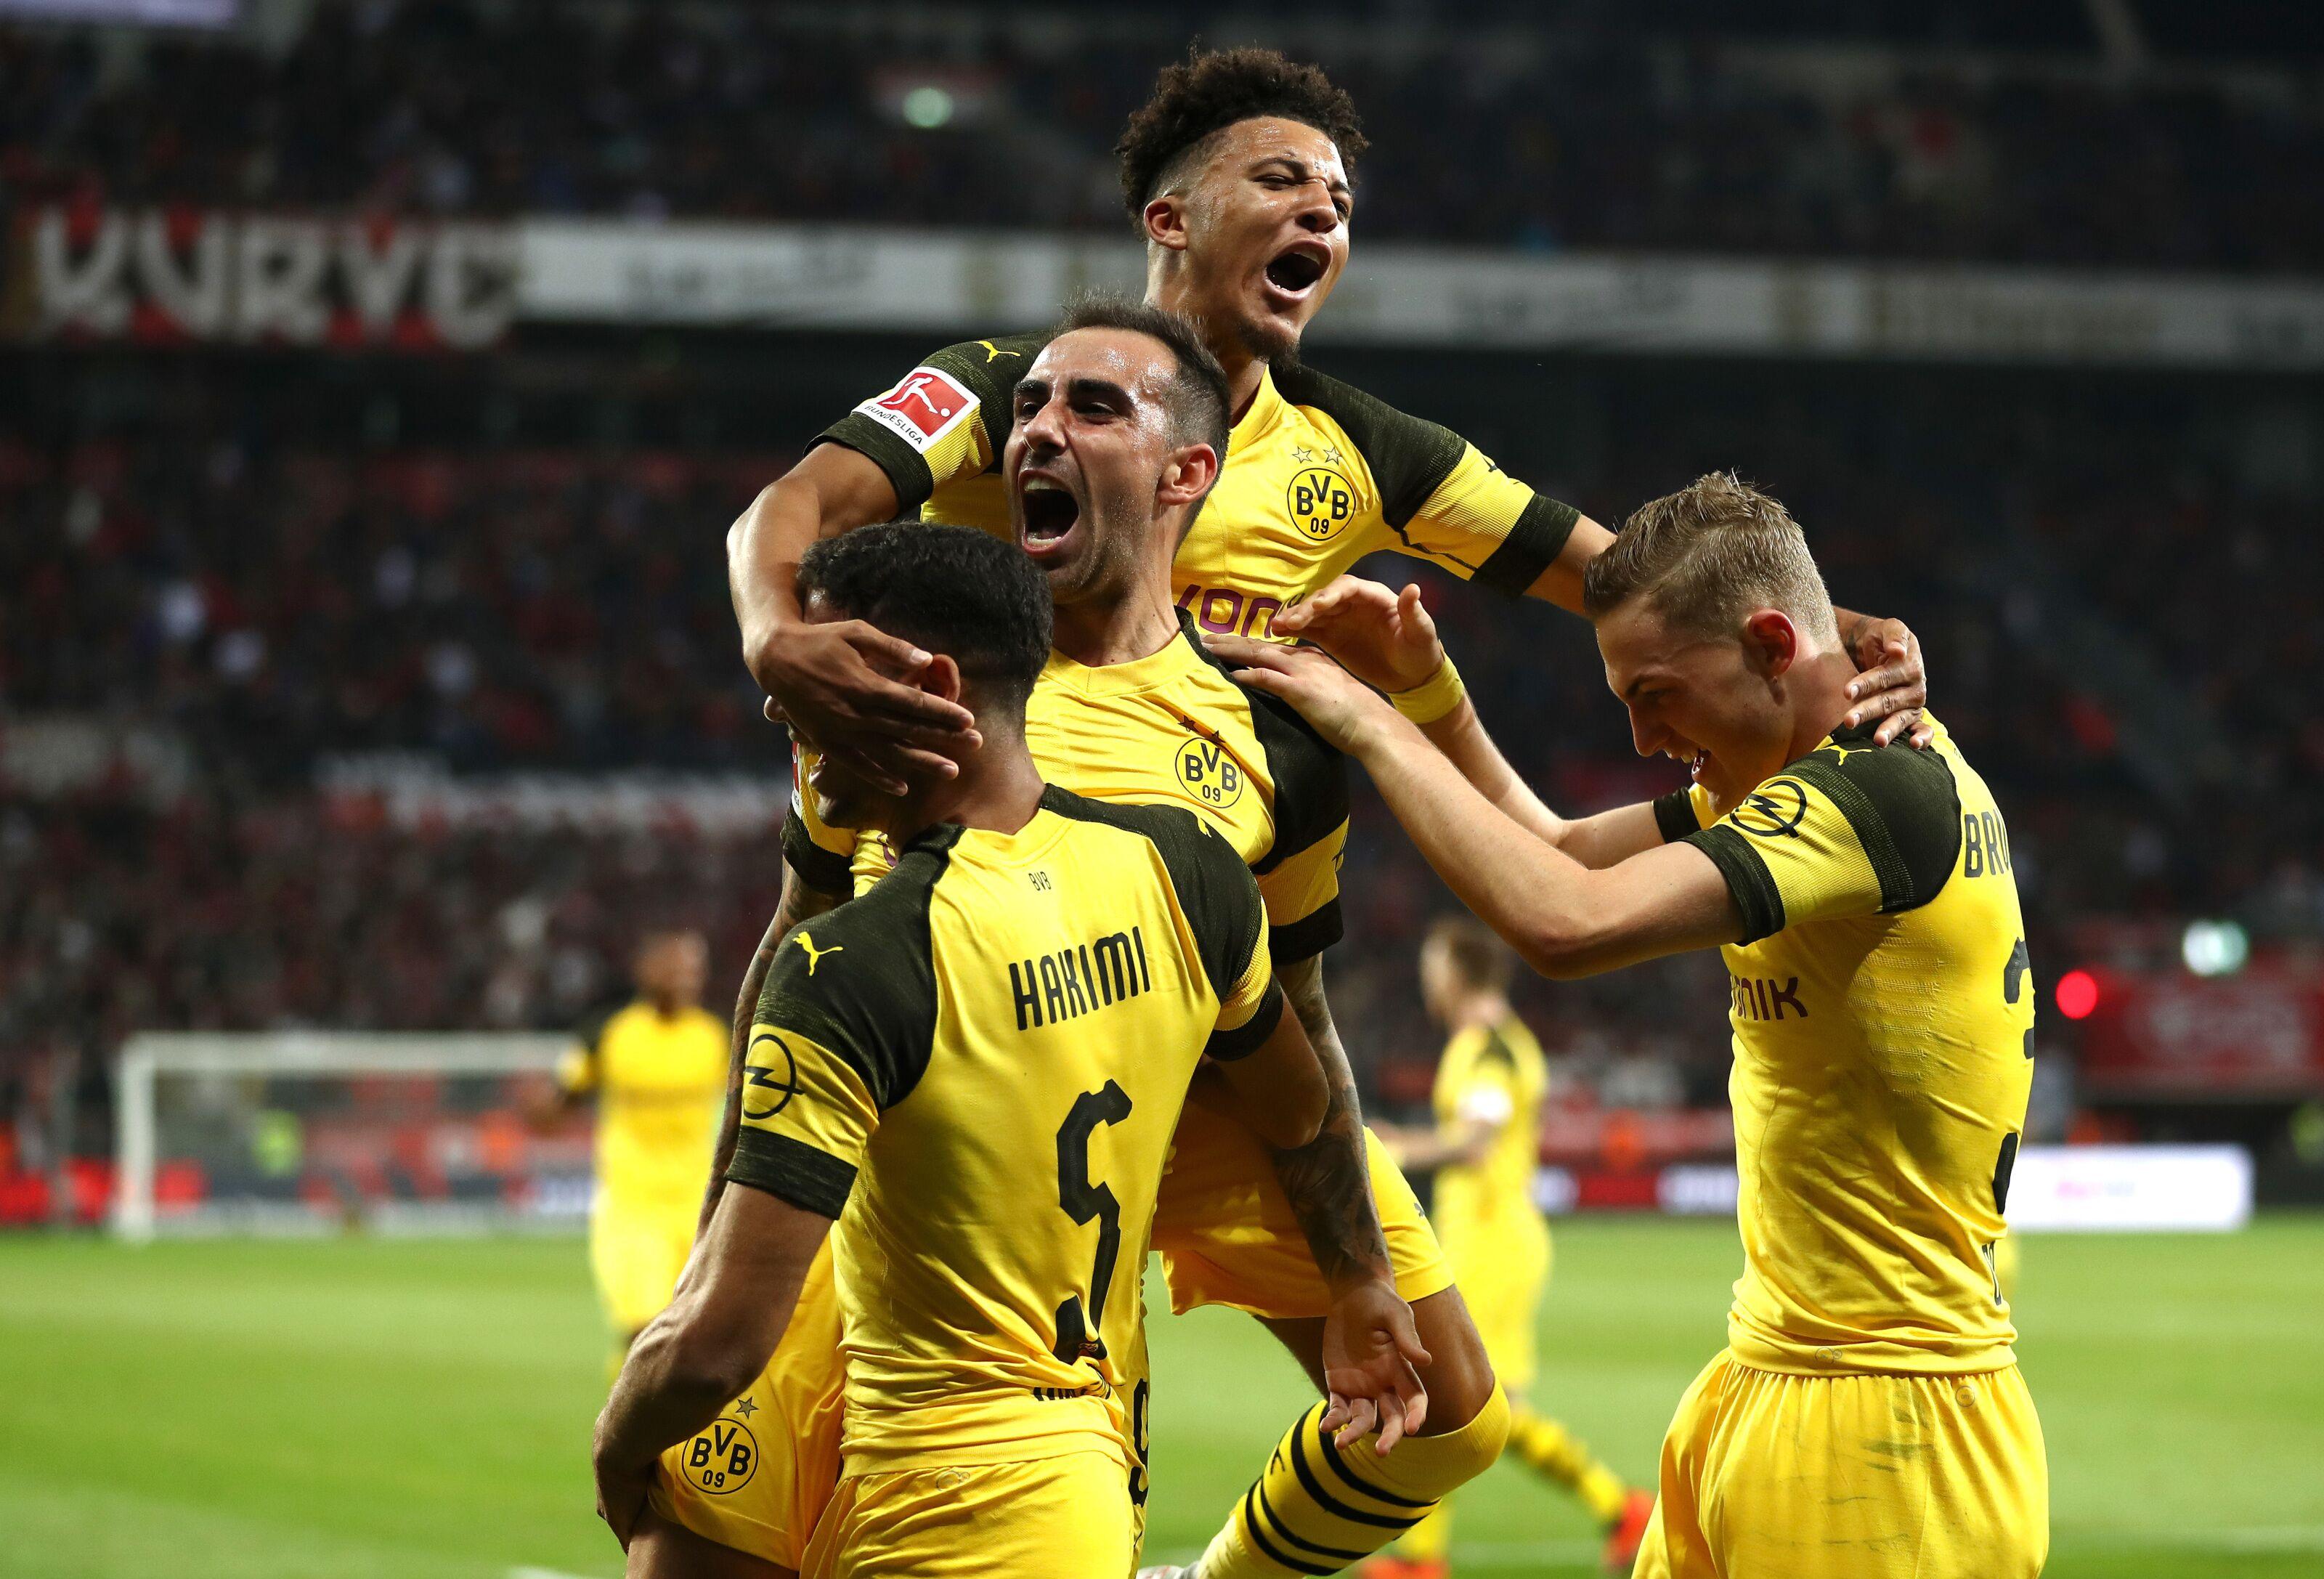 Bvb Vs Bayer Leverkusen